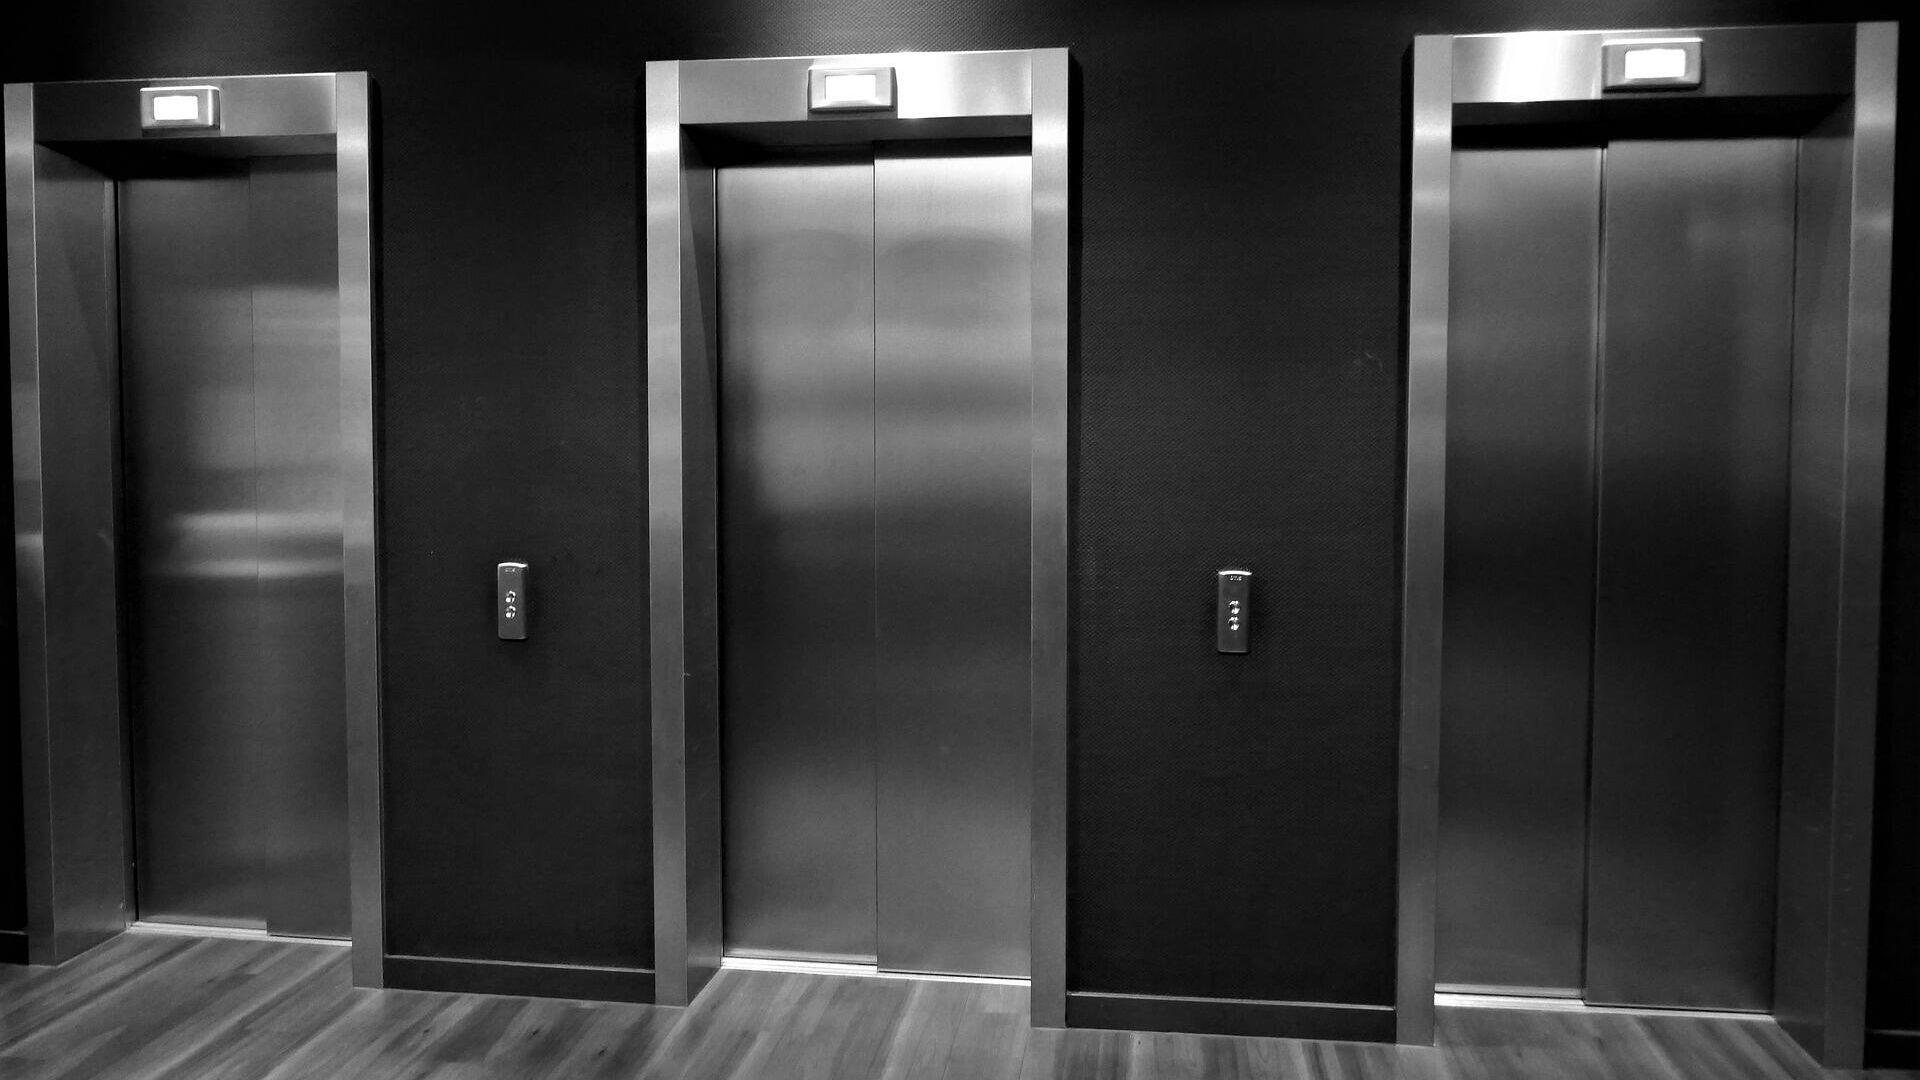 1577814520 0:153:1920:1233 1920x0 80 0 0 1d7ba03897de6ff50044fbb6d1b26c02 - Опубликовано видео из кабины застрявшего со студентами лифта